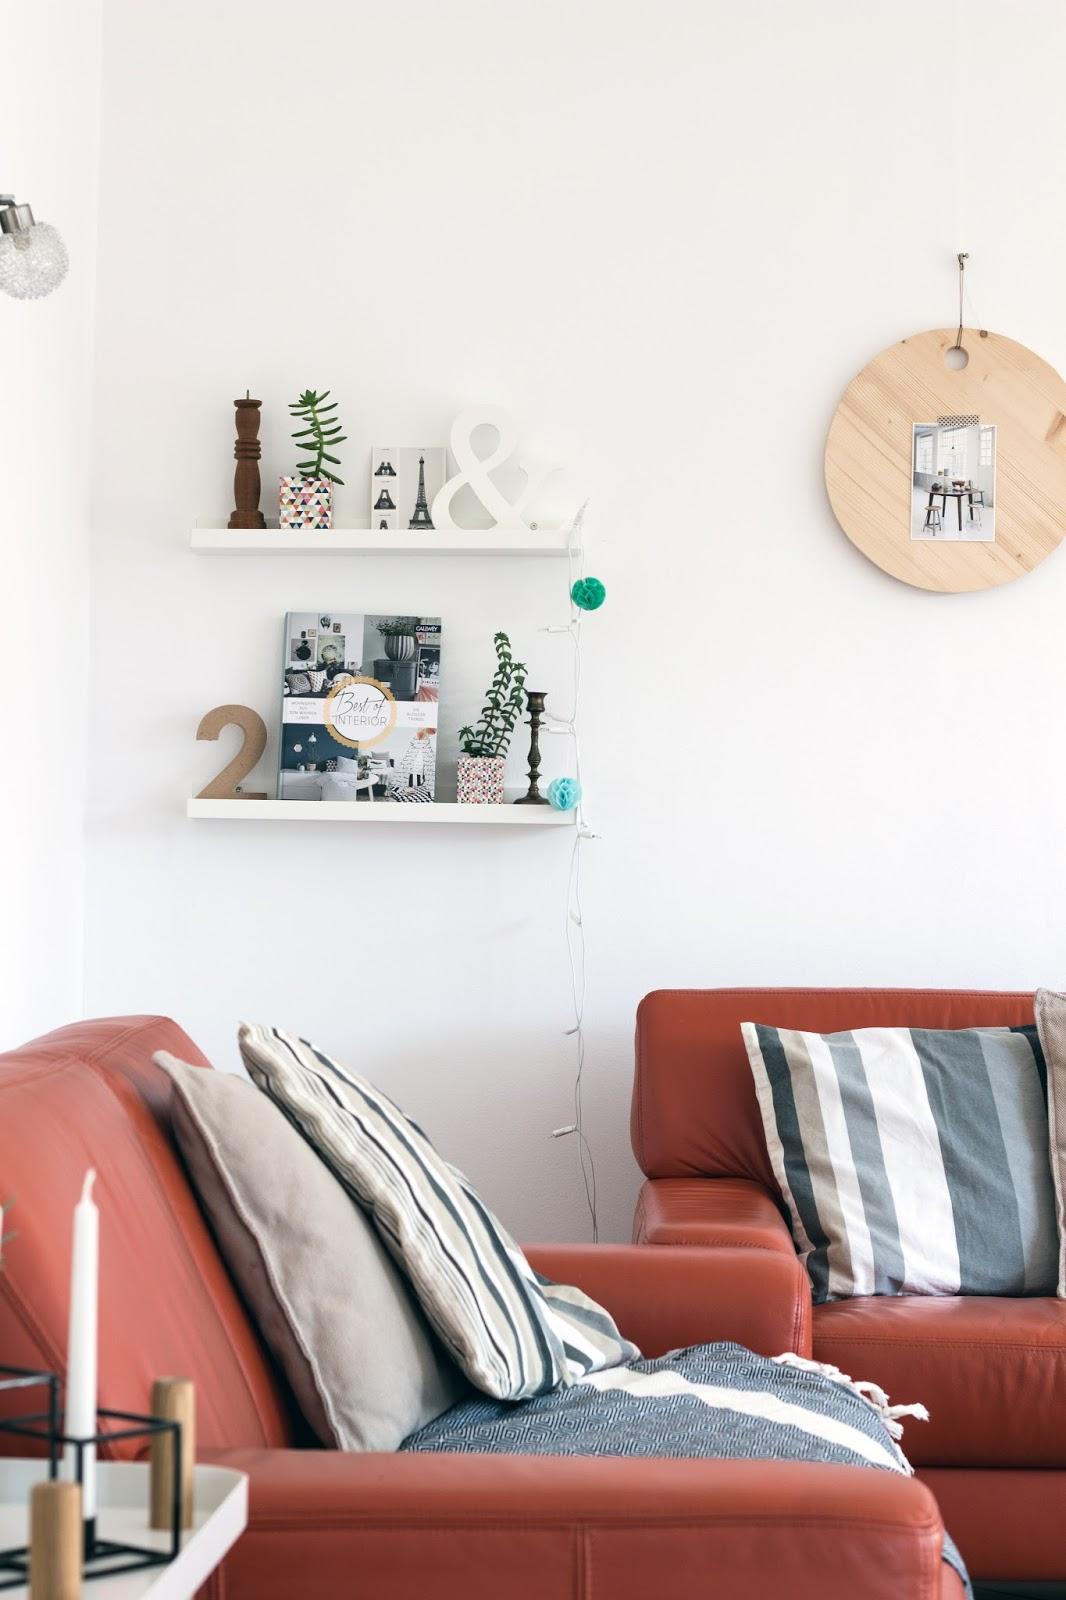 homecakelove ein schnelles hallo zum wochenende. Black Bedroom Furniture Sets. Home Design Ideas